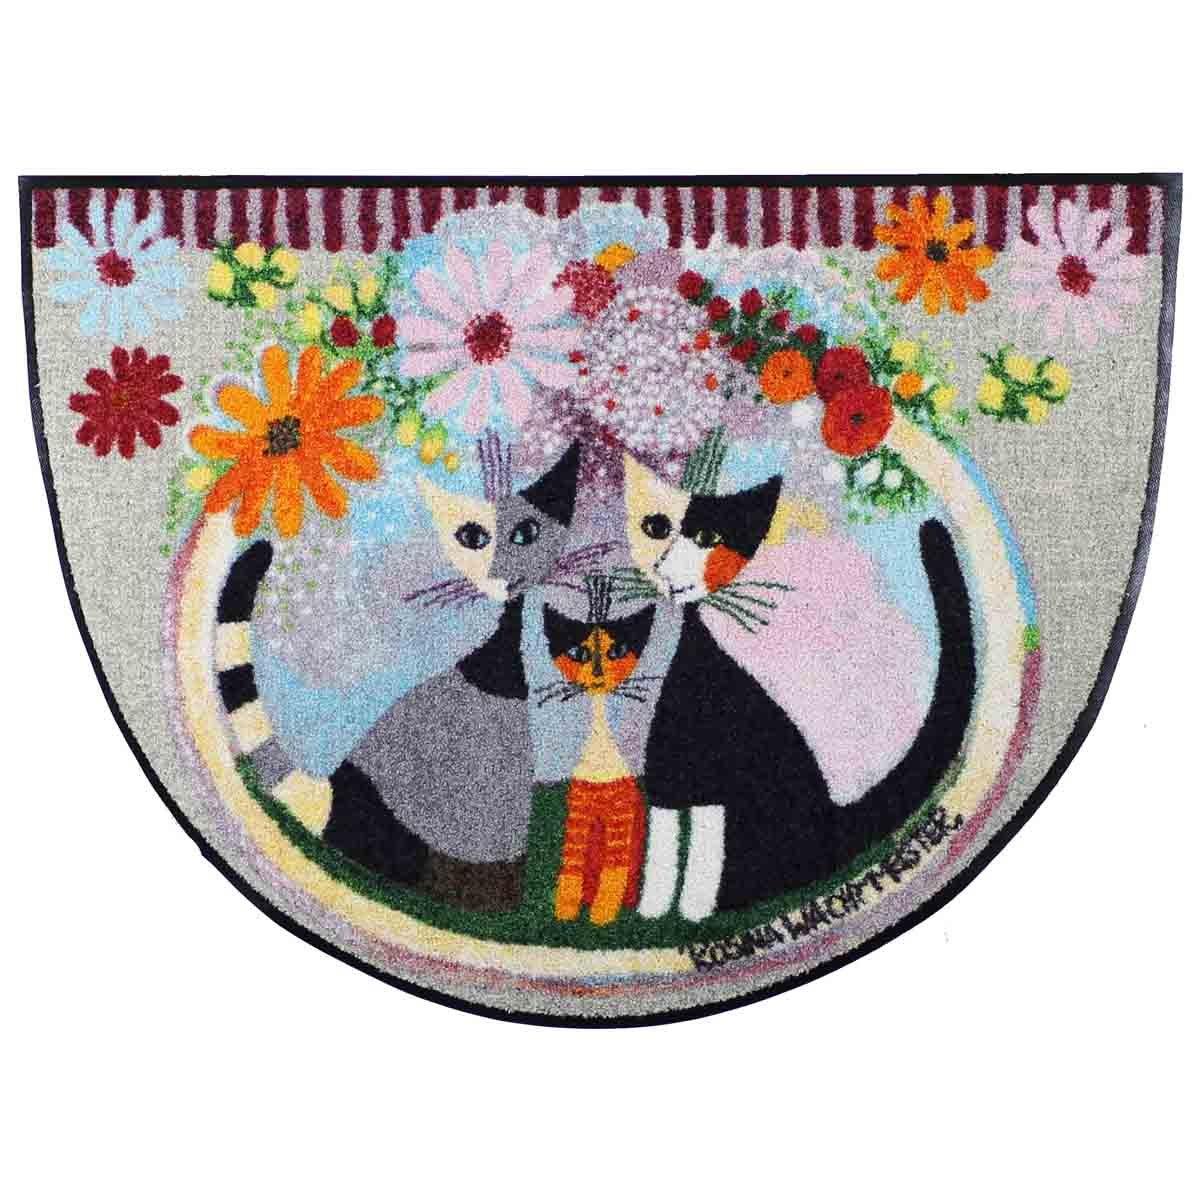 Salonloewe Rosina Wachtmeister Famiglia Con Fiore halbrund Fußmatte 60 x 85 cm SLD1907-H60x085 Fußabtreter, Türmatte, Schmutzfangmatte, Schmutzfänger, Küchenteppich